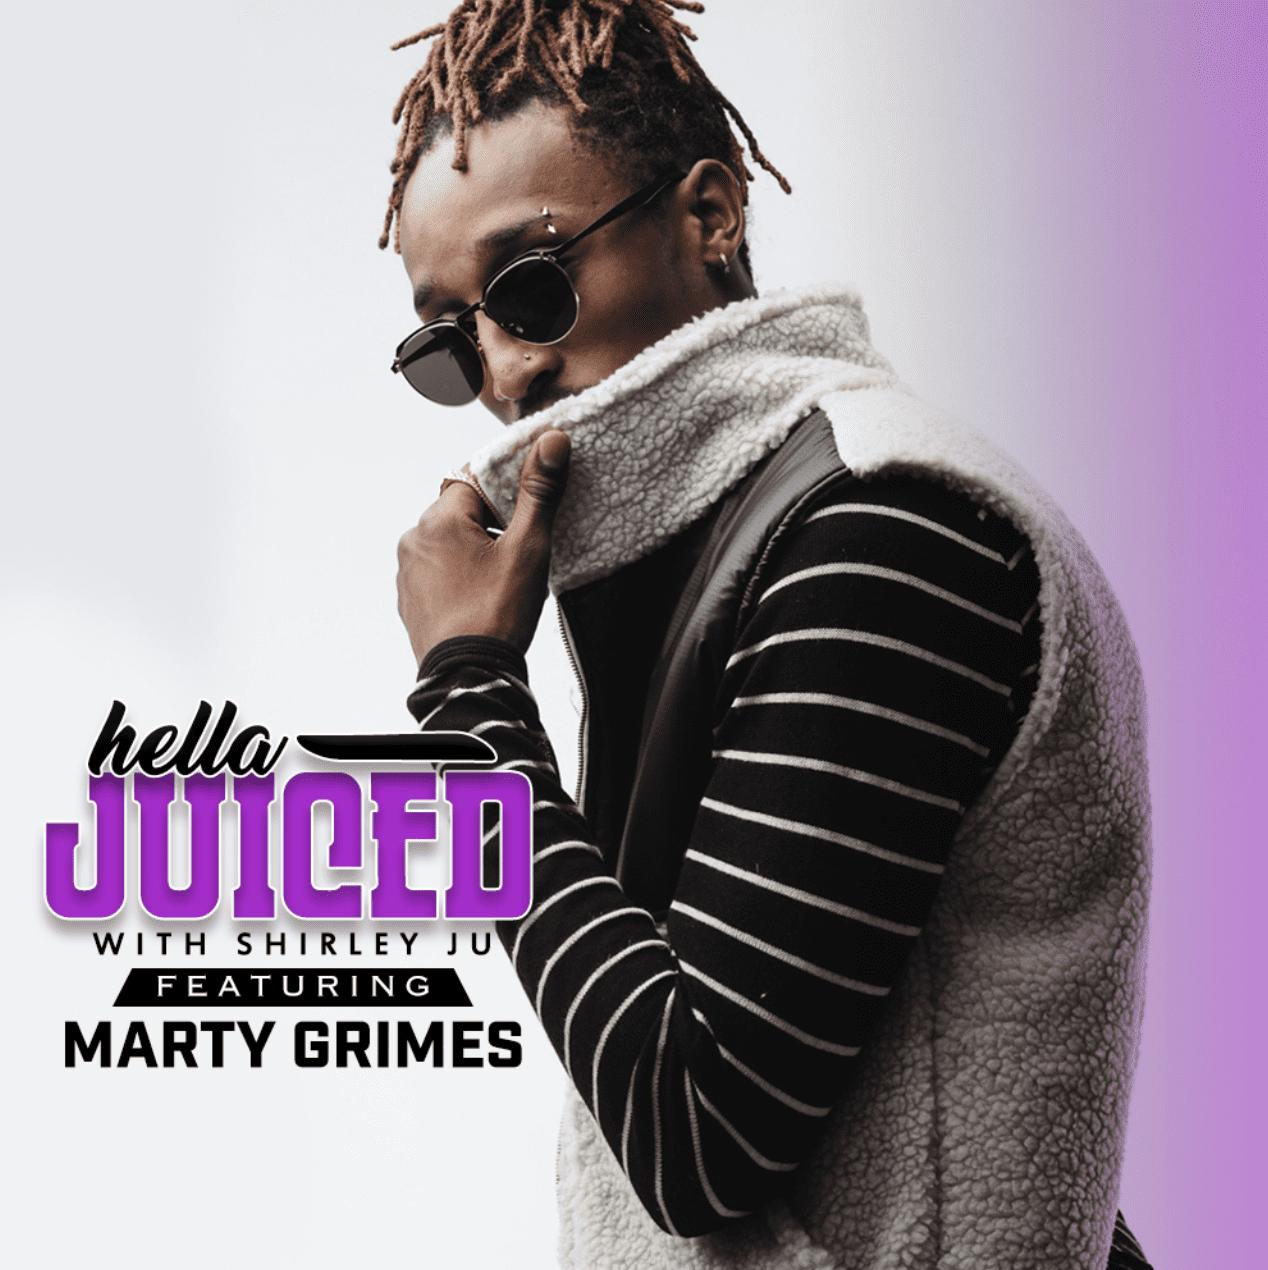 Hella Juiced: Marty Grimes